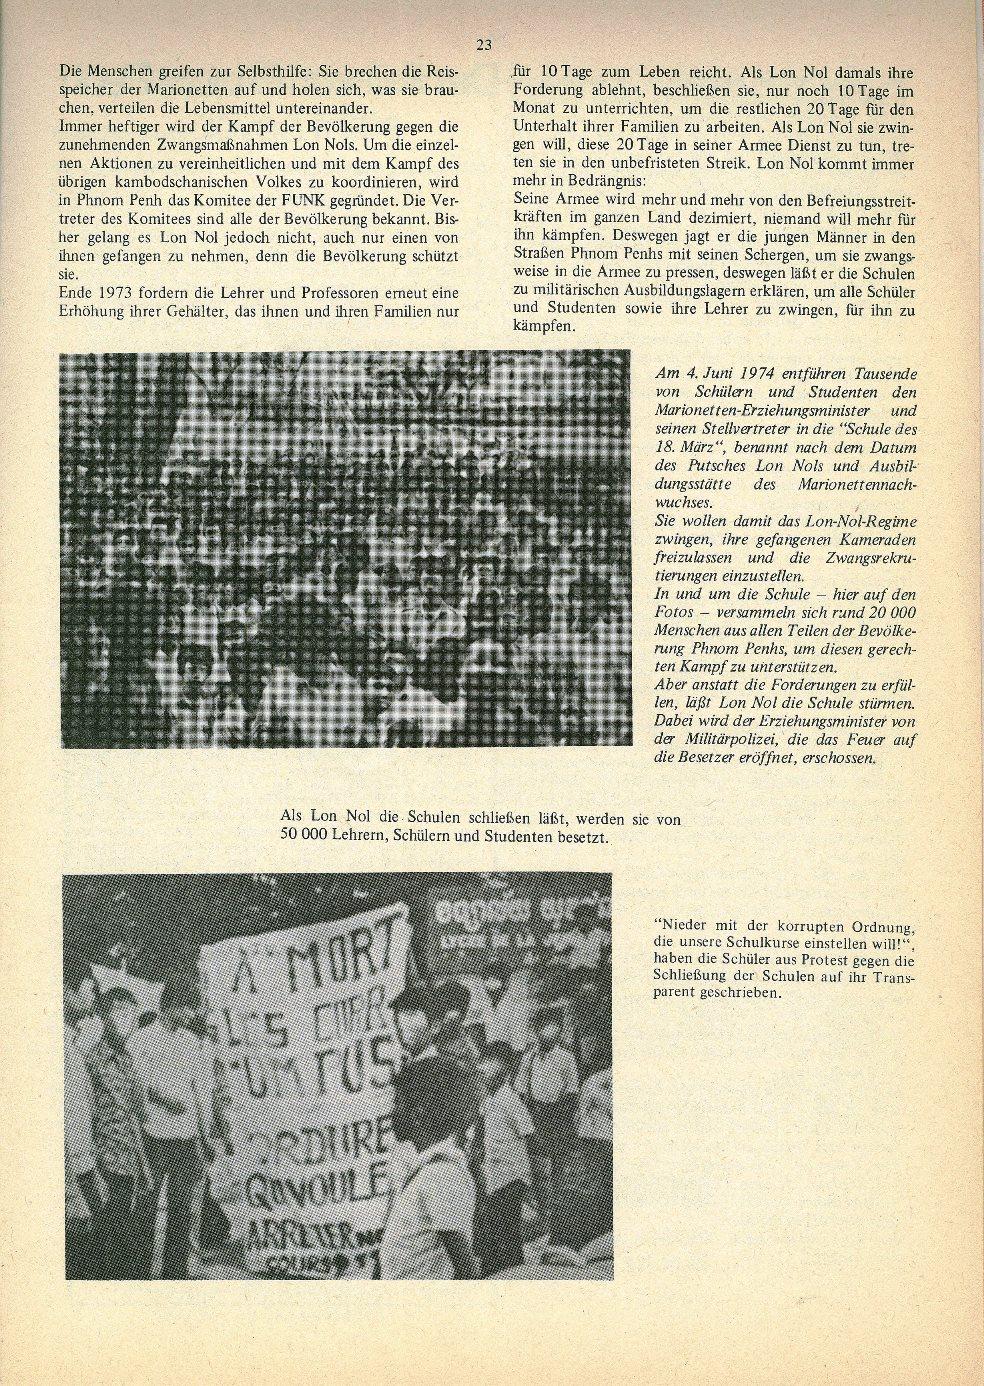 Kambodscha_1974_Das_Volk_besiegt_den_Imperialismus024